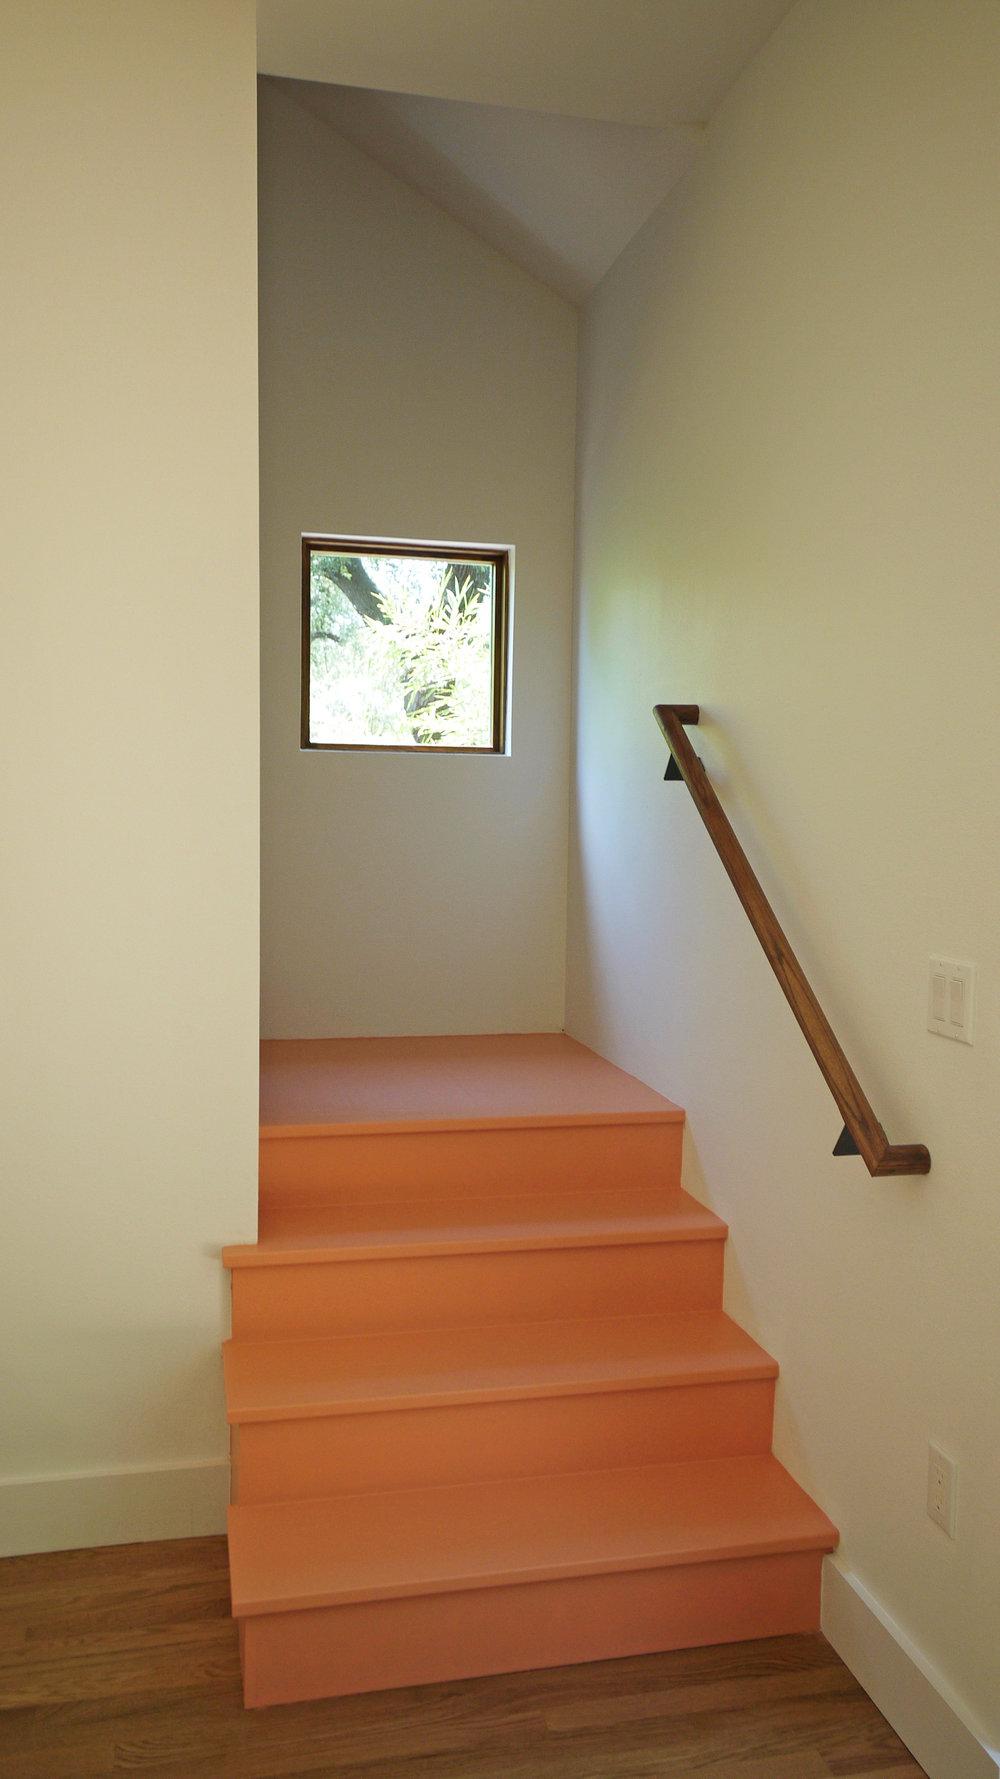 9-Eva stair.jpg